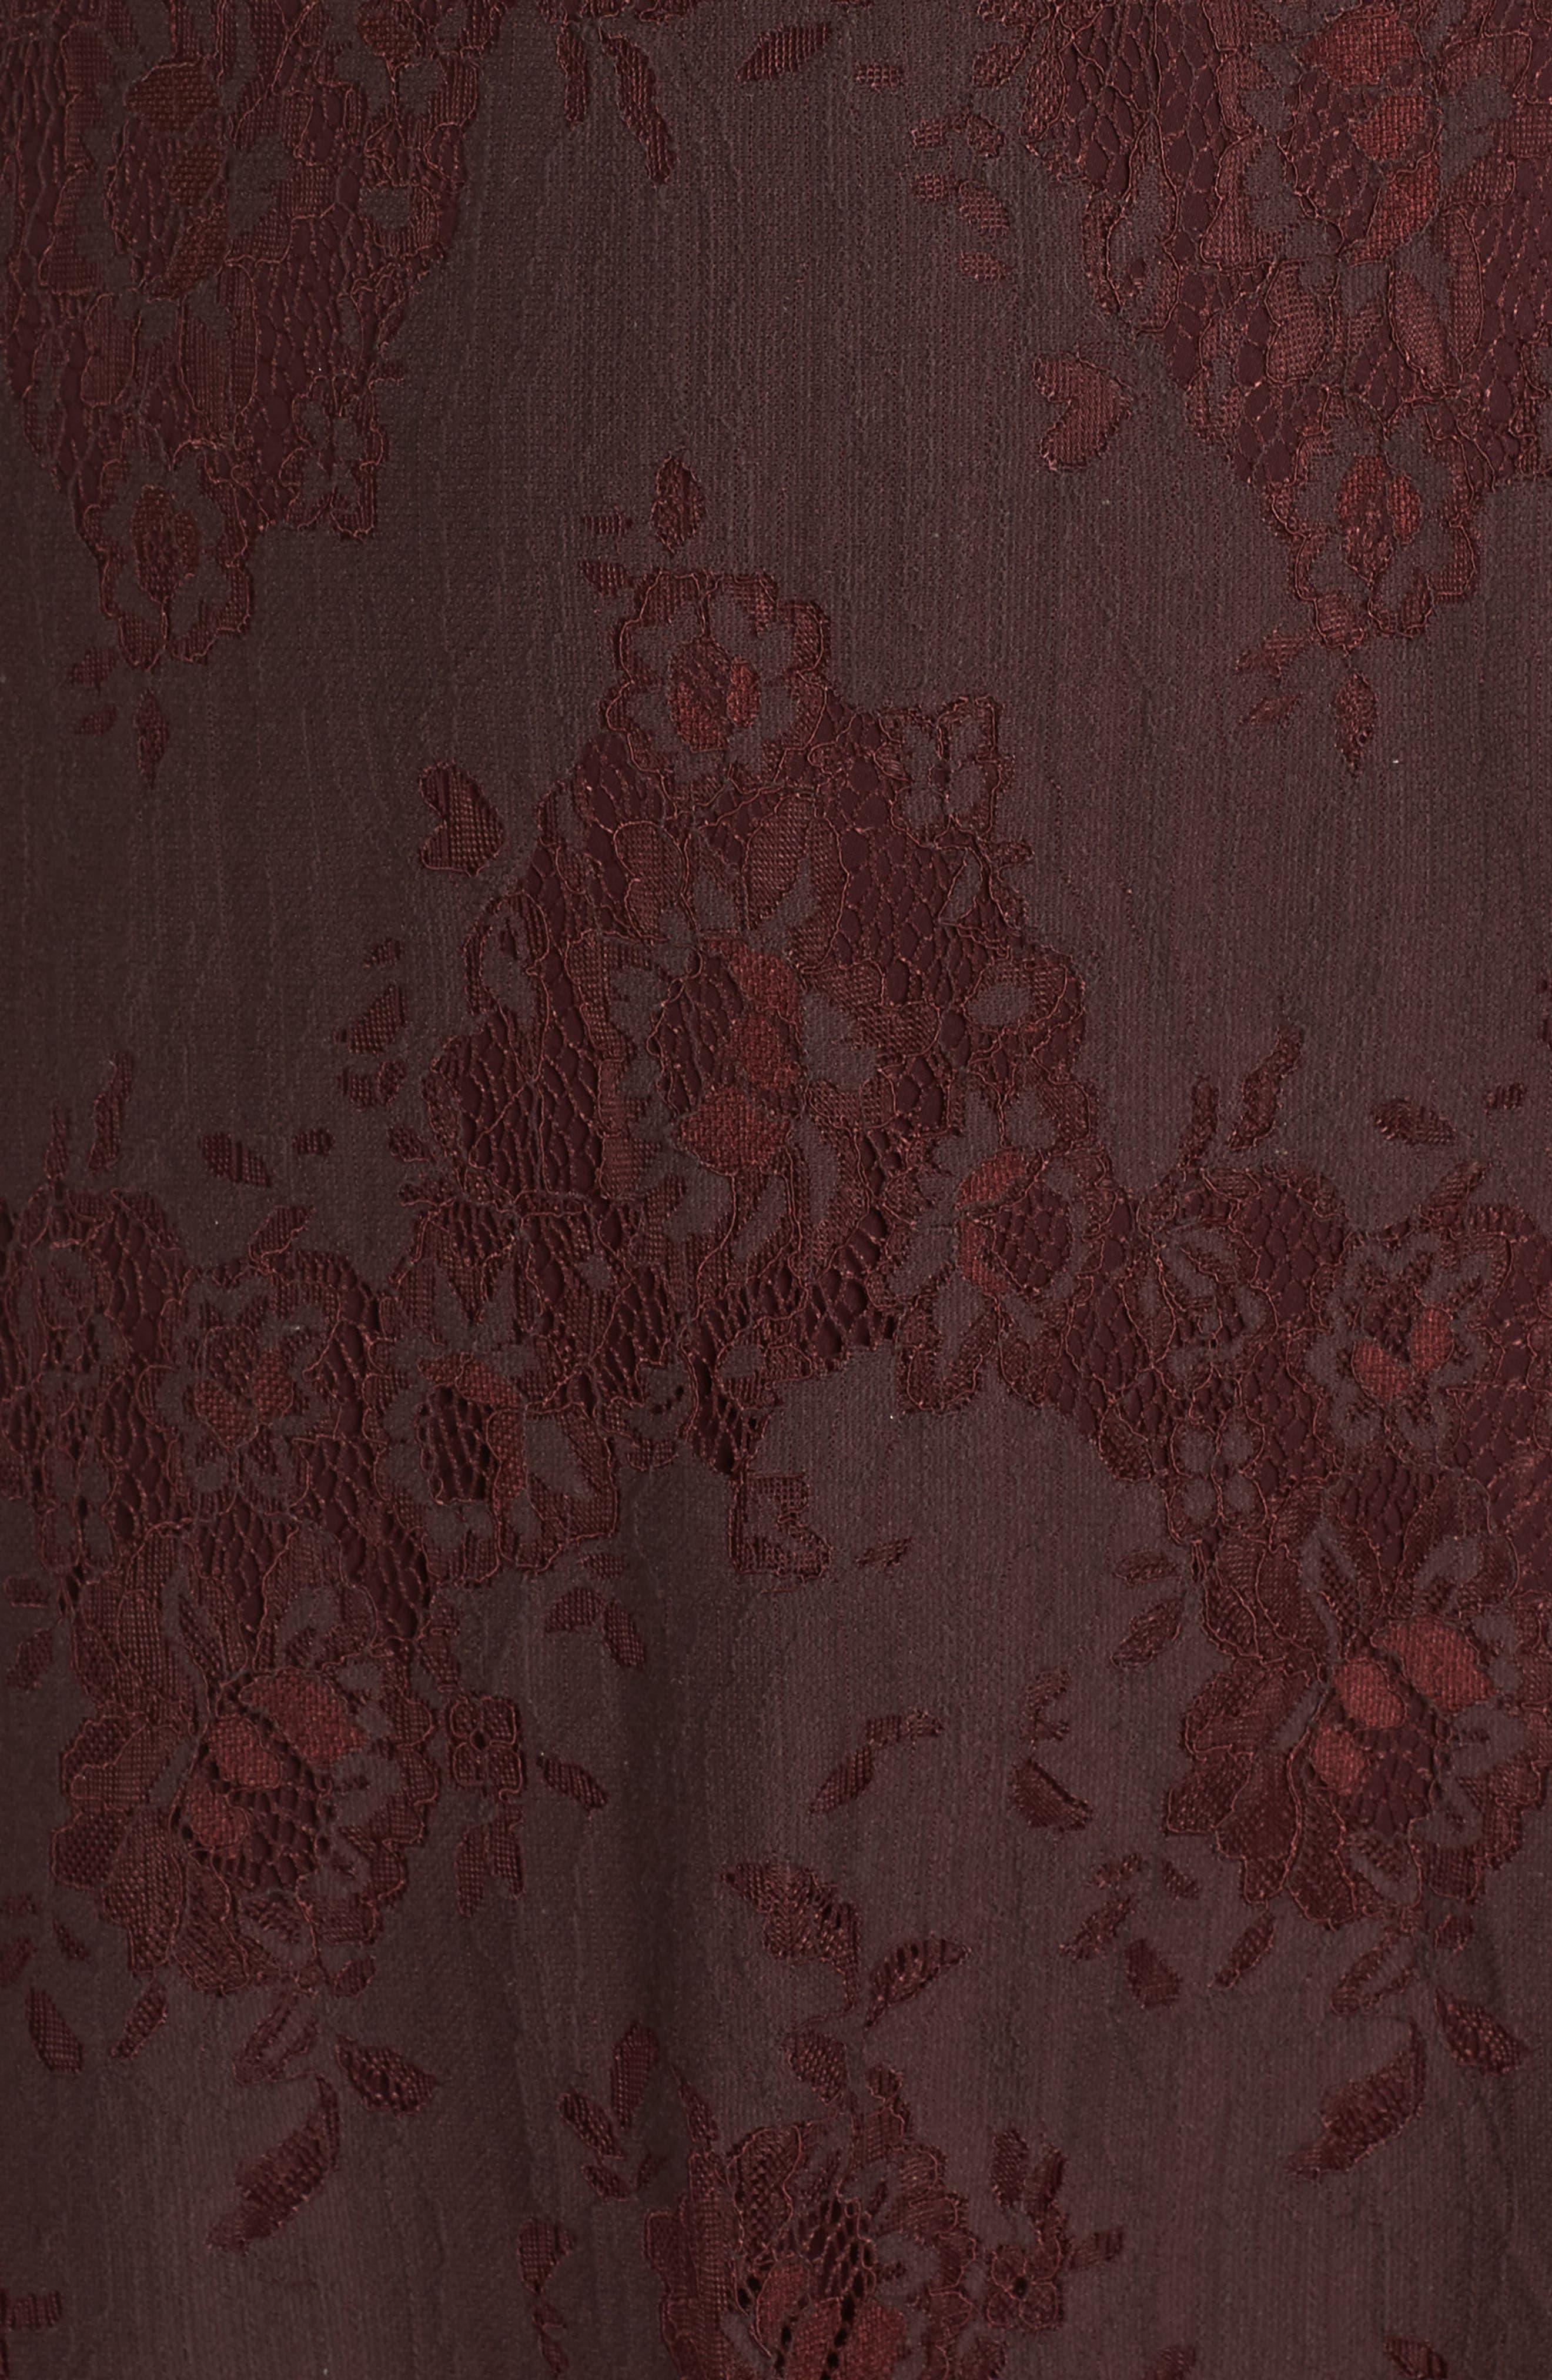 Cold Shoulder Lace A-Line Dress,                             Alternate thumbnail 5, color,                             Burgundy